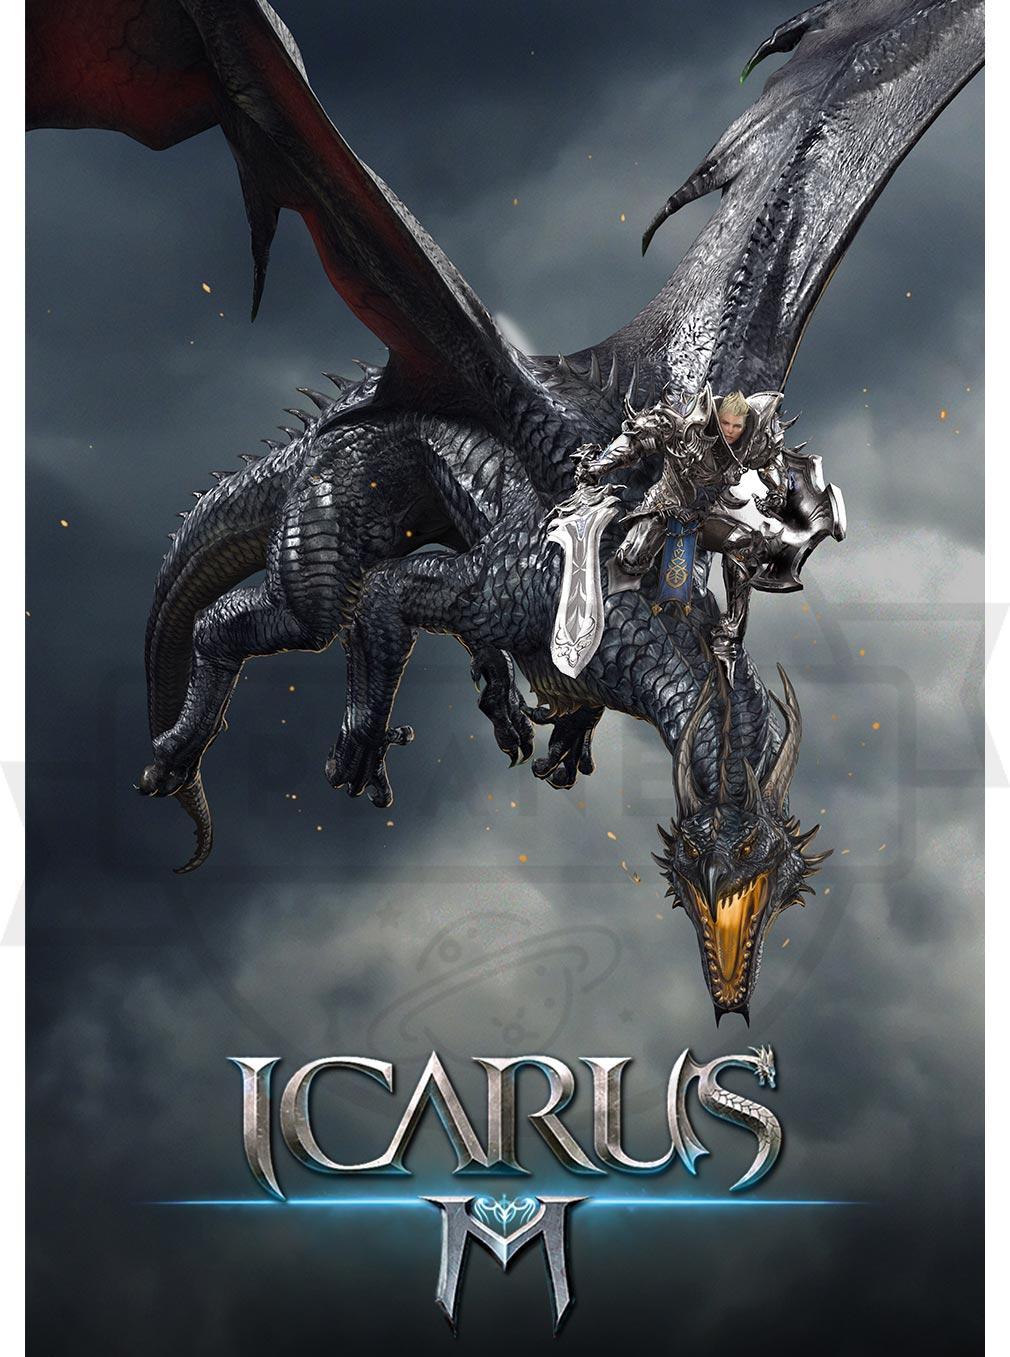 イカロスM (ICARUS MOBILE) ポスターイメージ